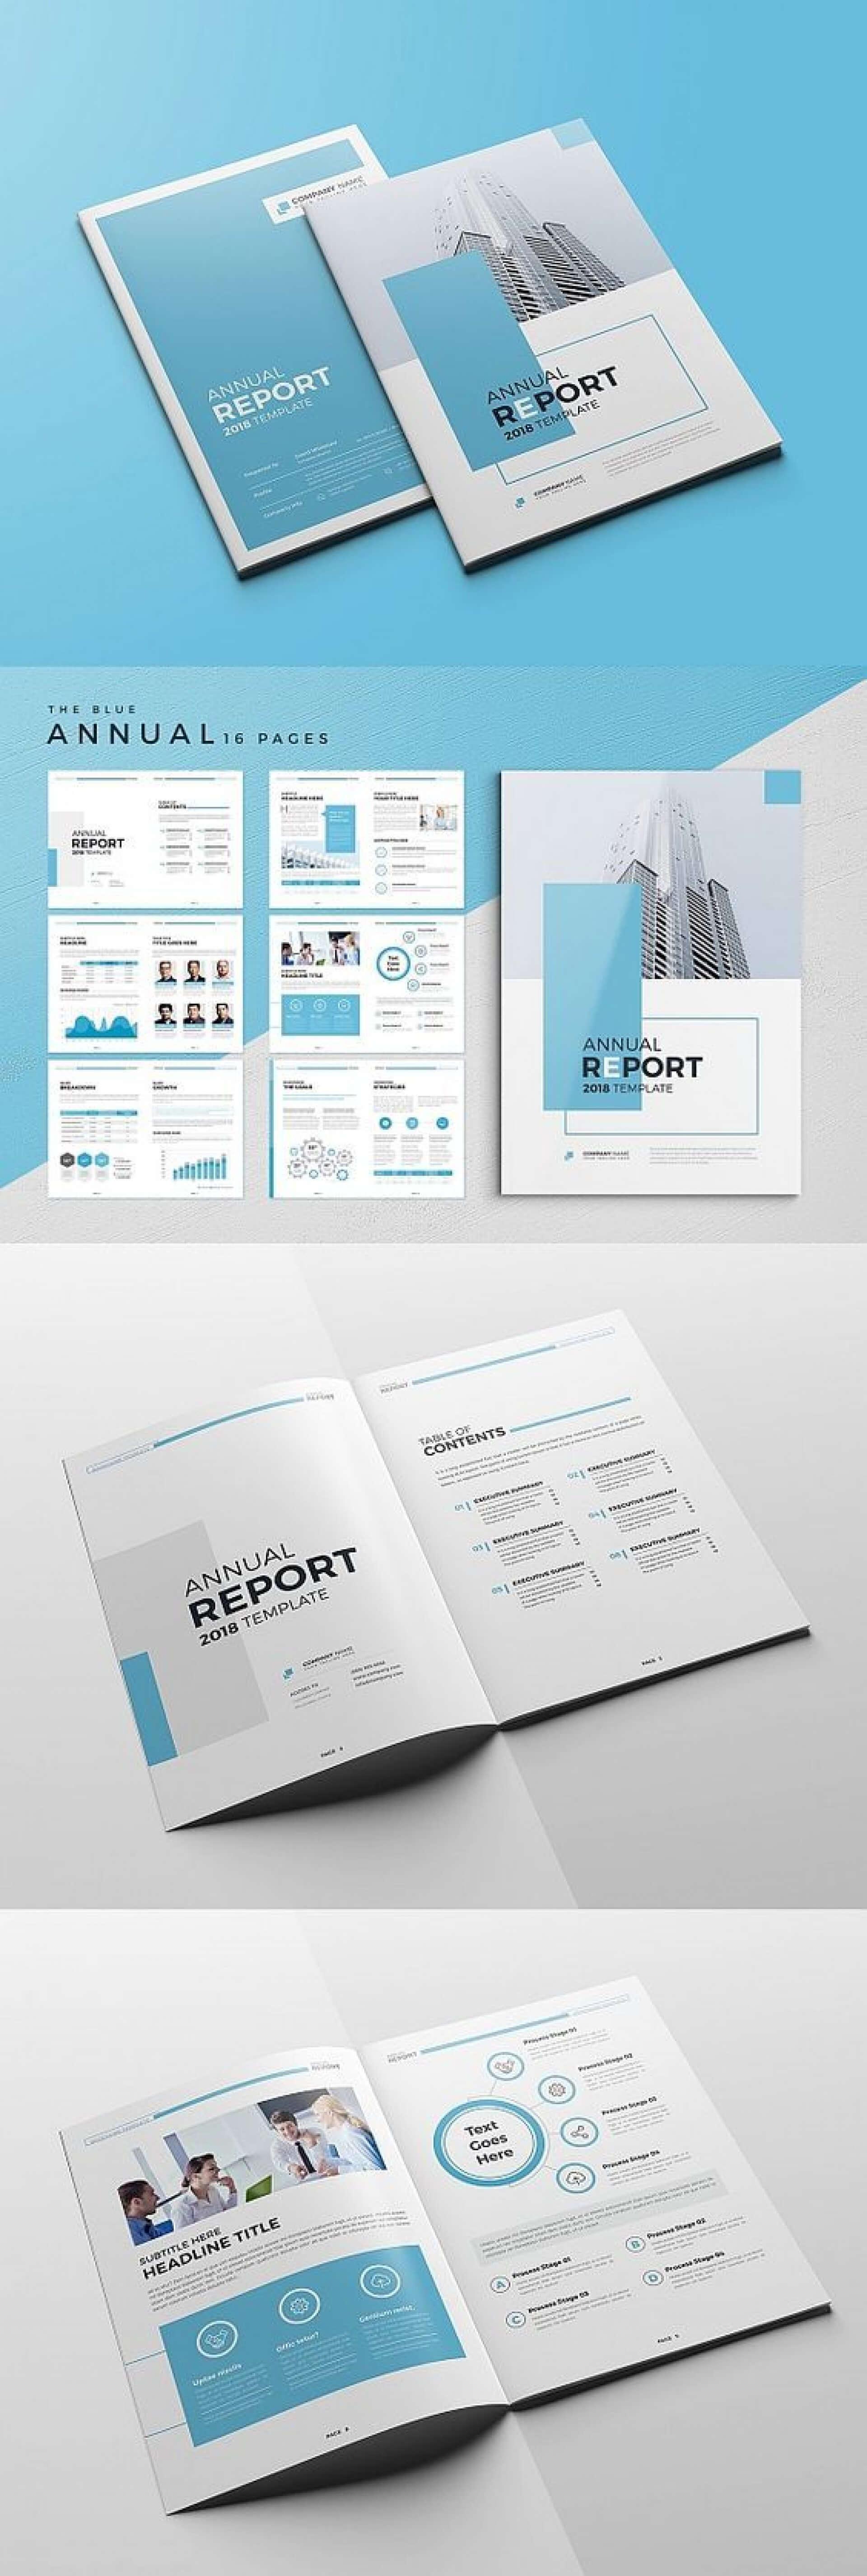 016 Annual Report Template Word Company Profile Brochure Pertaining To Annual Report Template Word